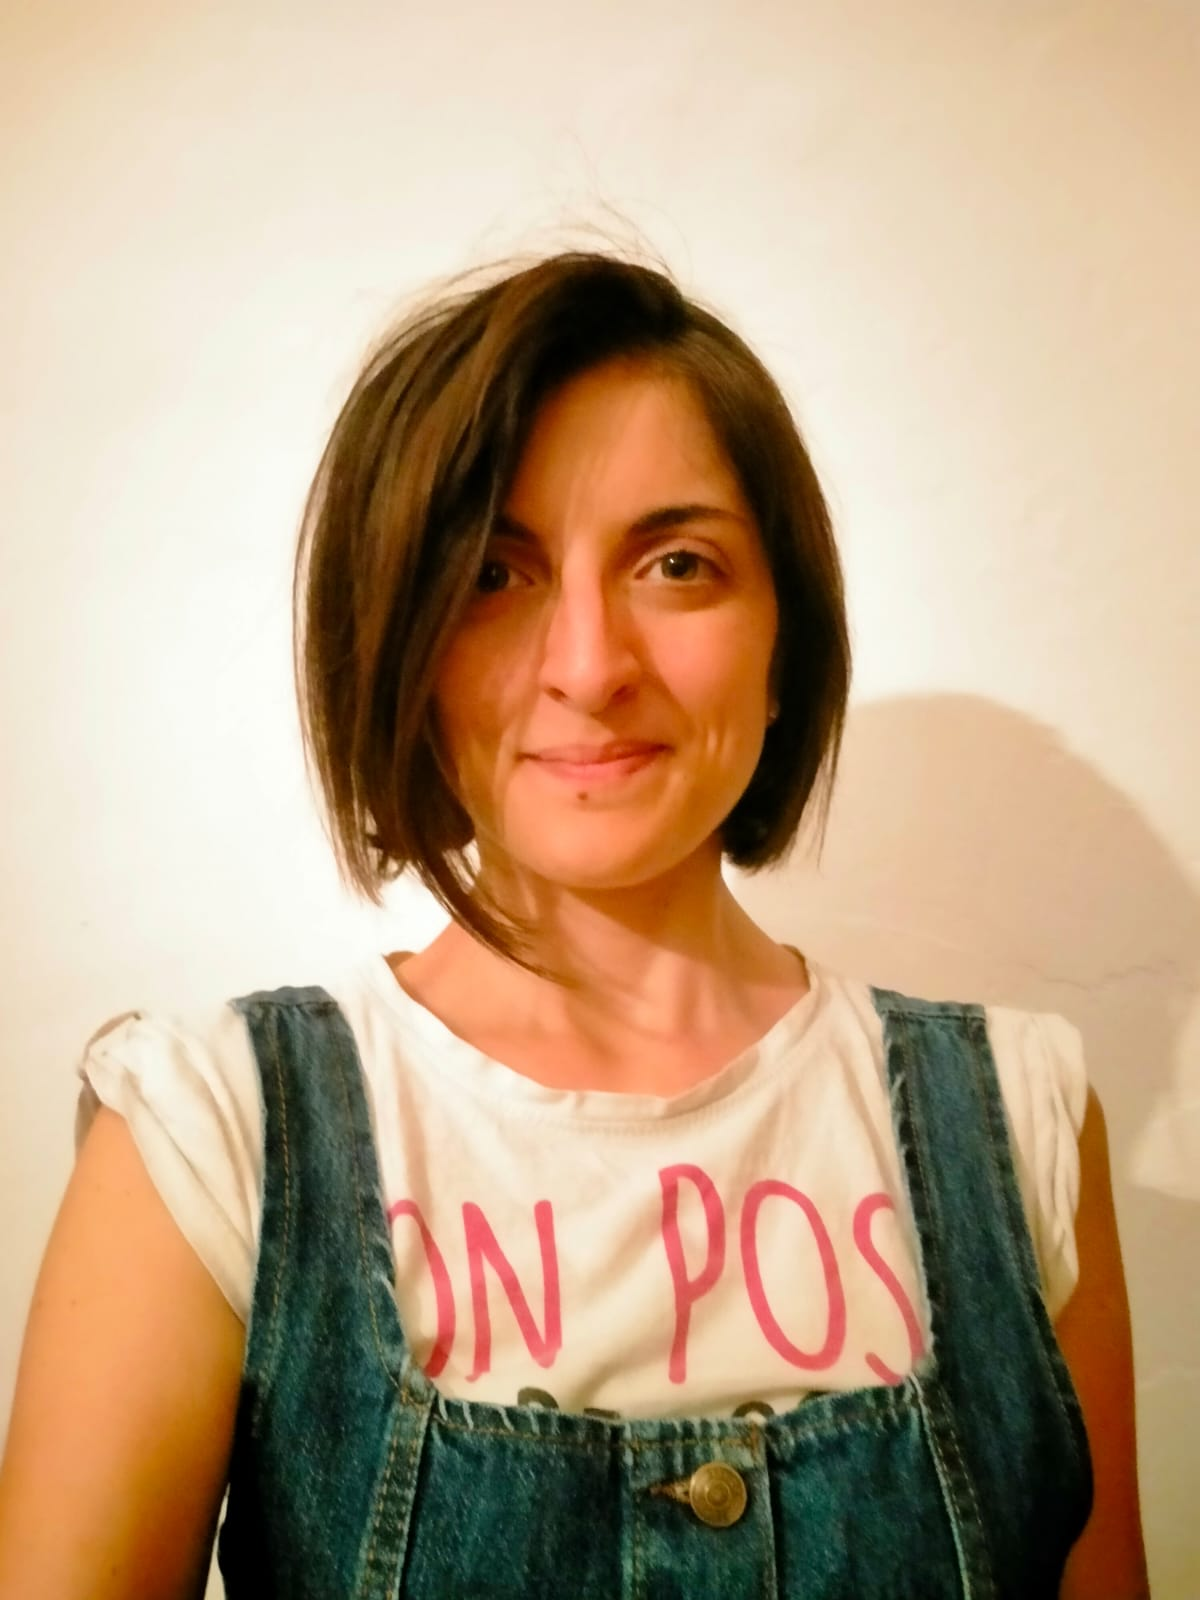 Veronica Murialdo